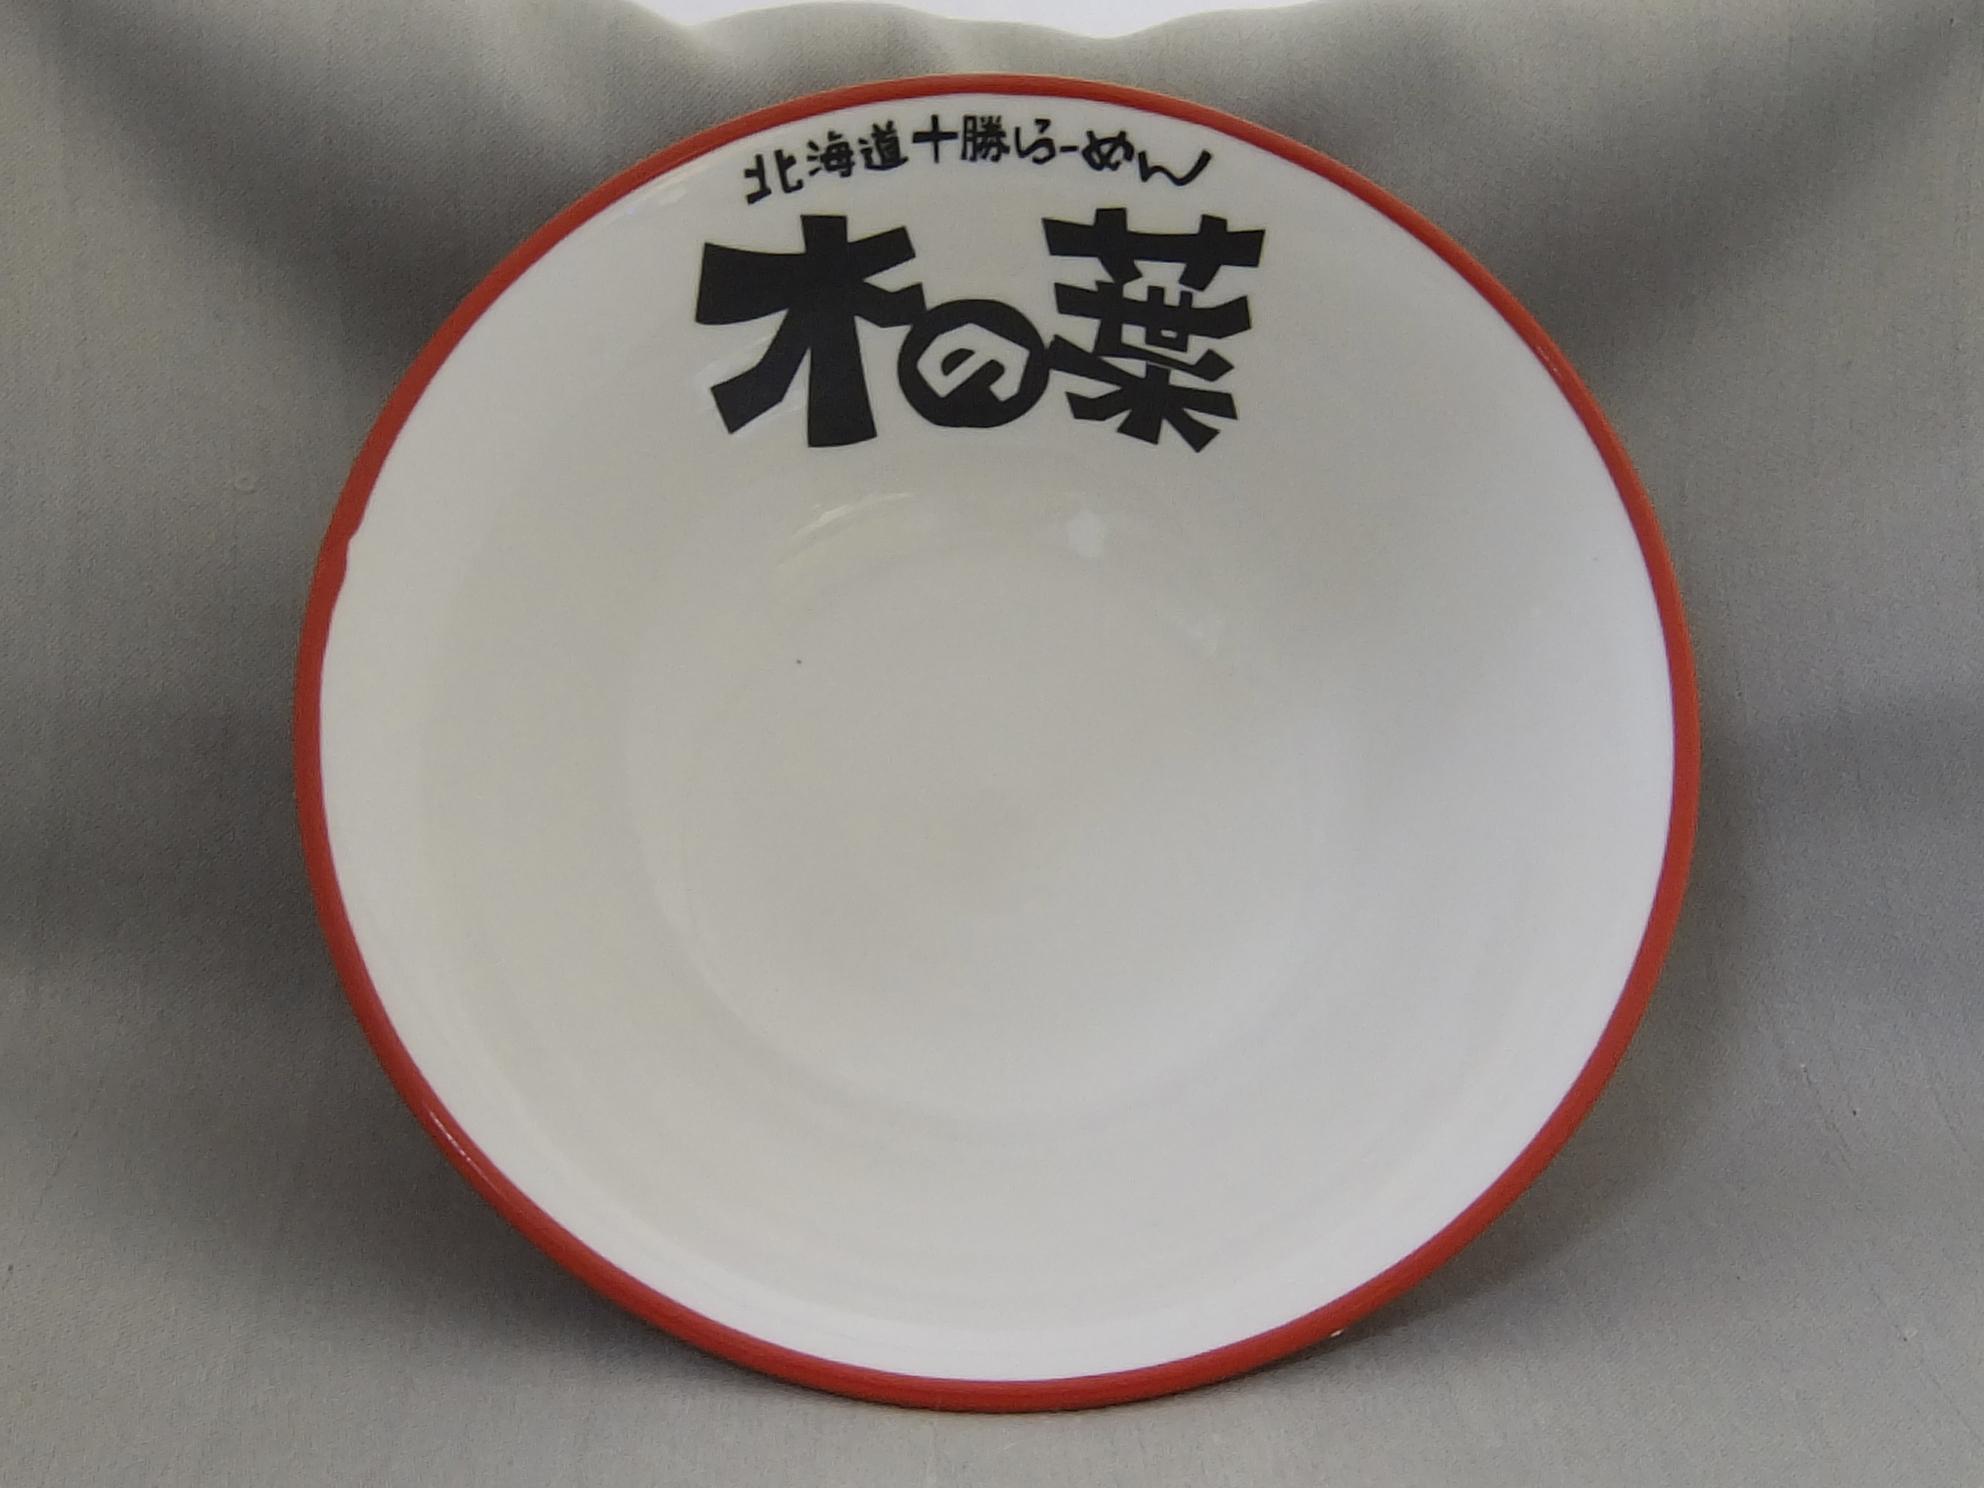 7.0コスパ反高台丼(外赤内白)